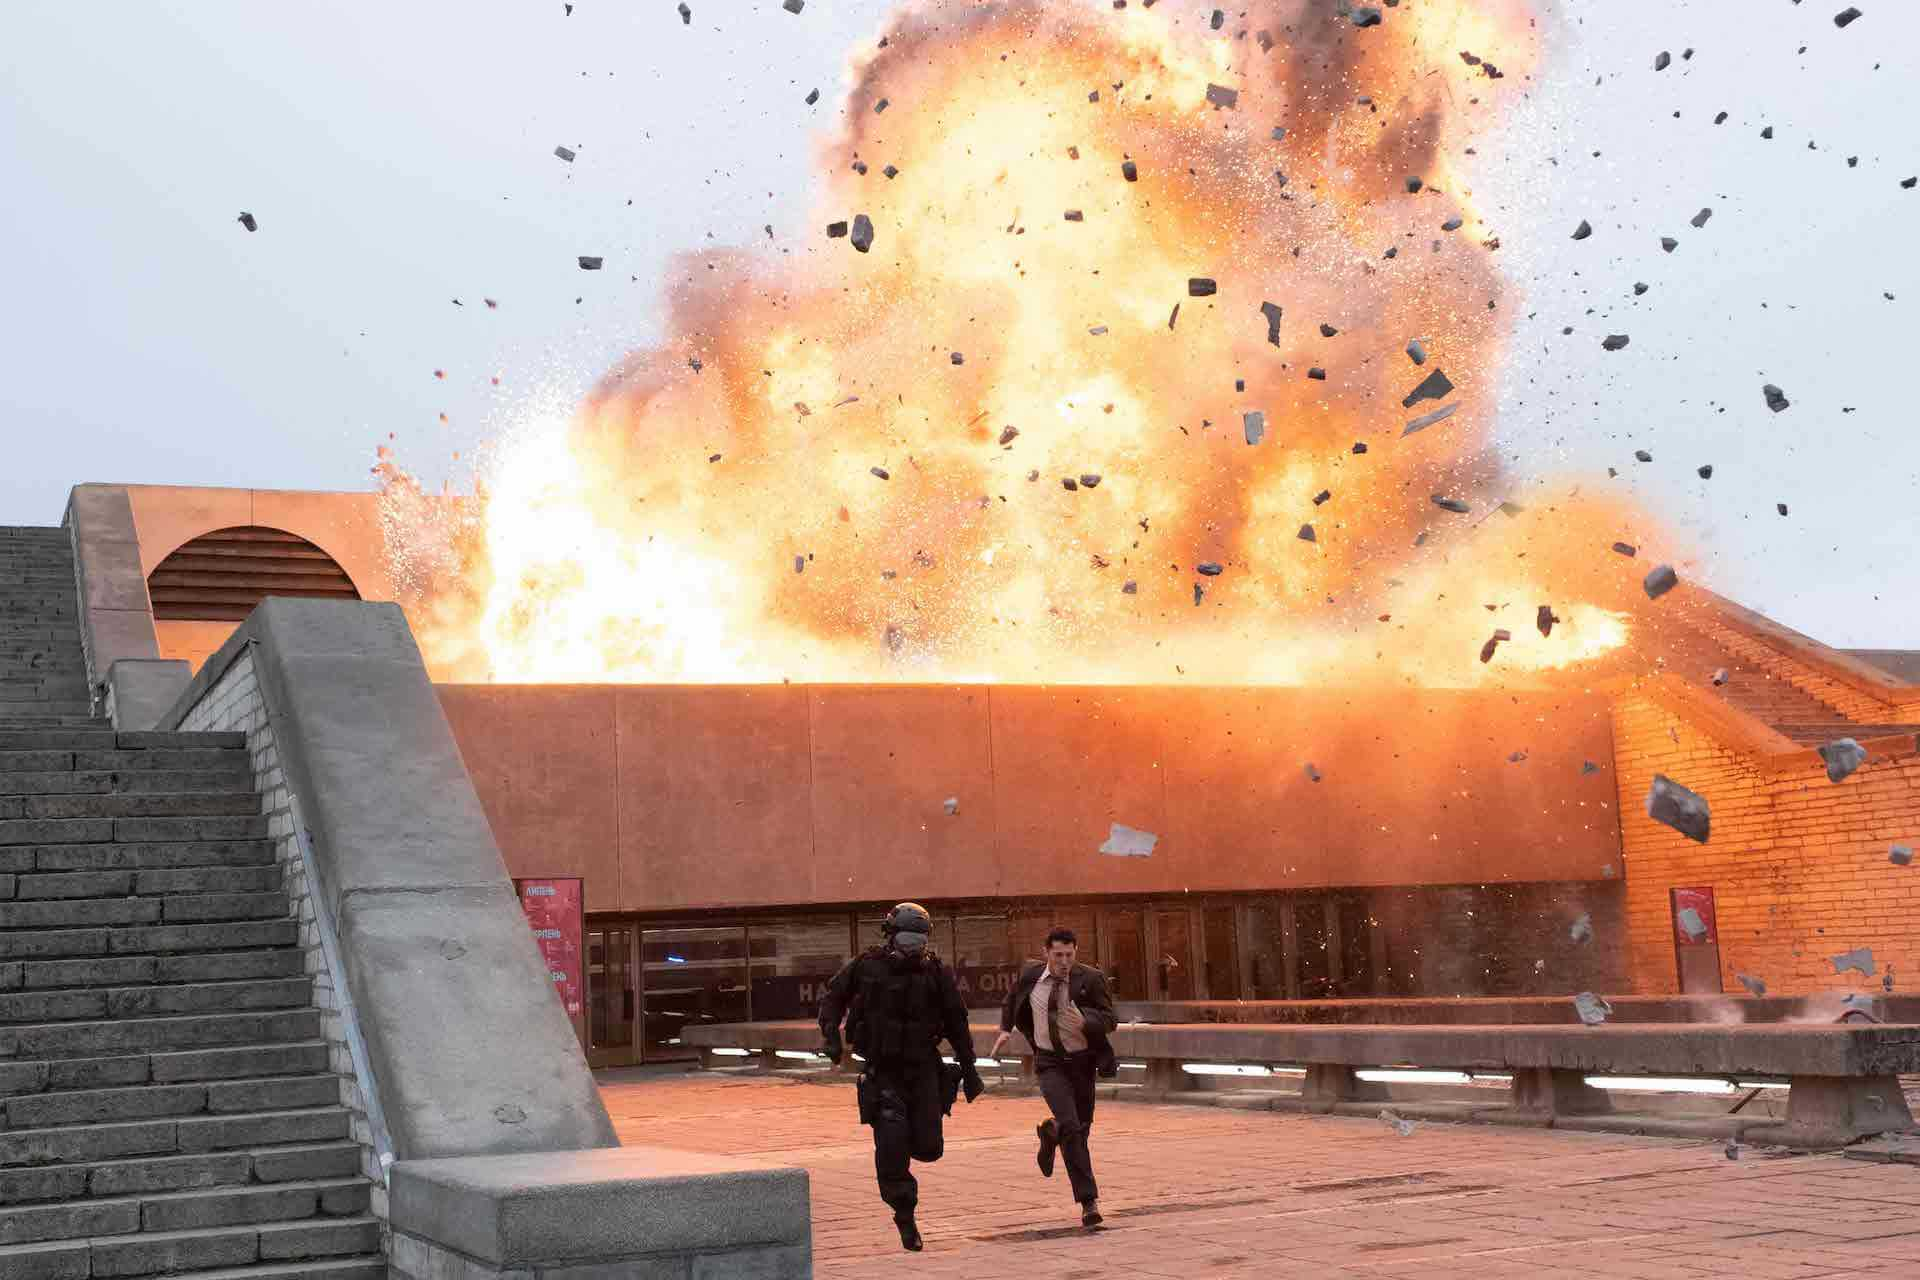 ノーラン祭り最後は『インターステラー』に決定!過去の傑作と『TENET テネット』最新映像を含んだレジェンド予告も解禁 film200821_tenet_interstellar_4